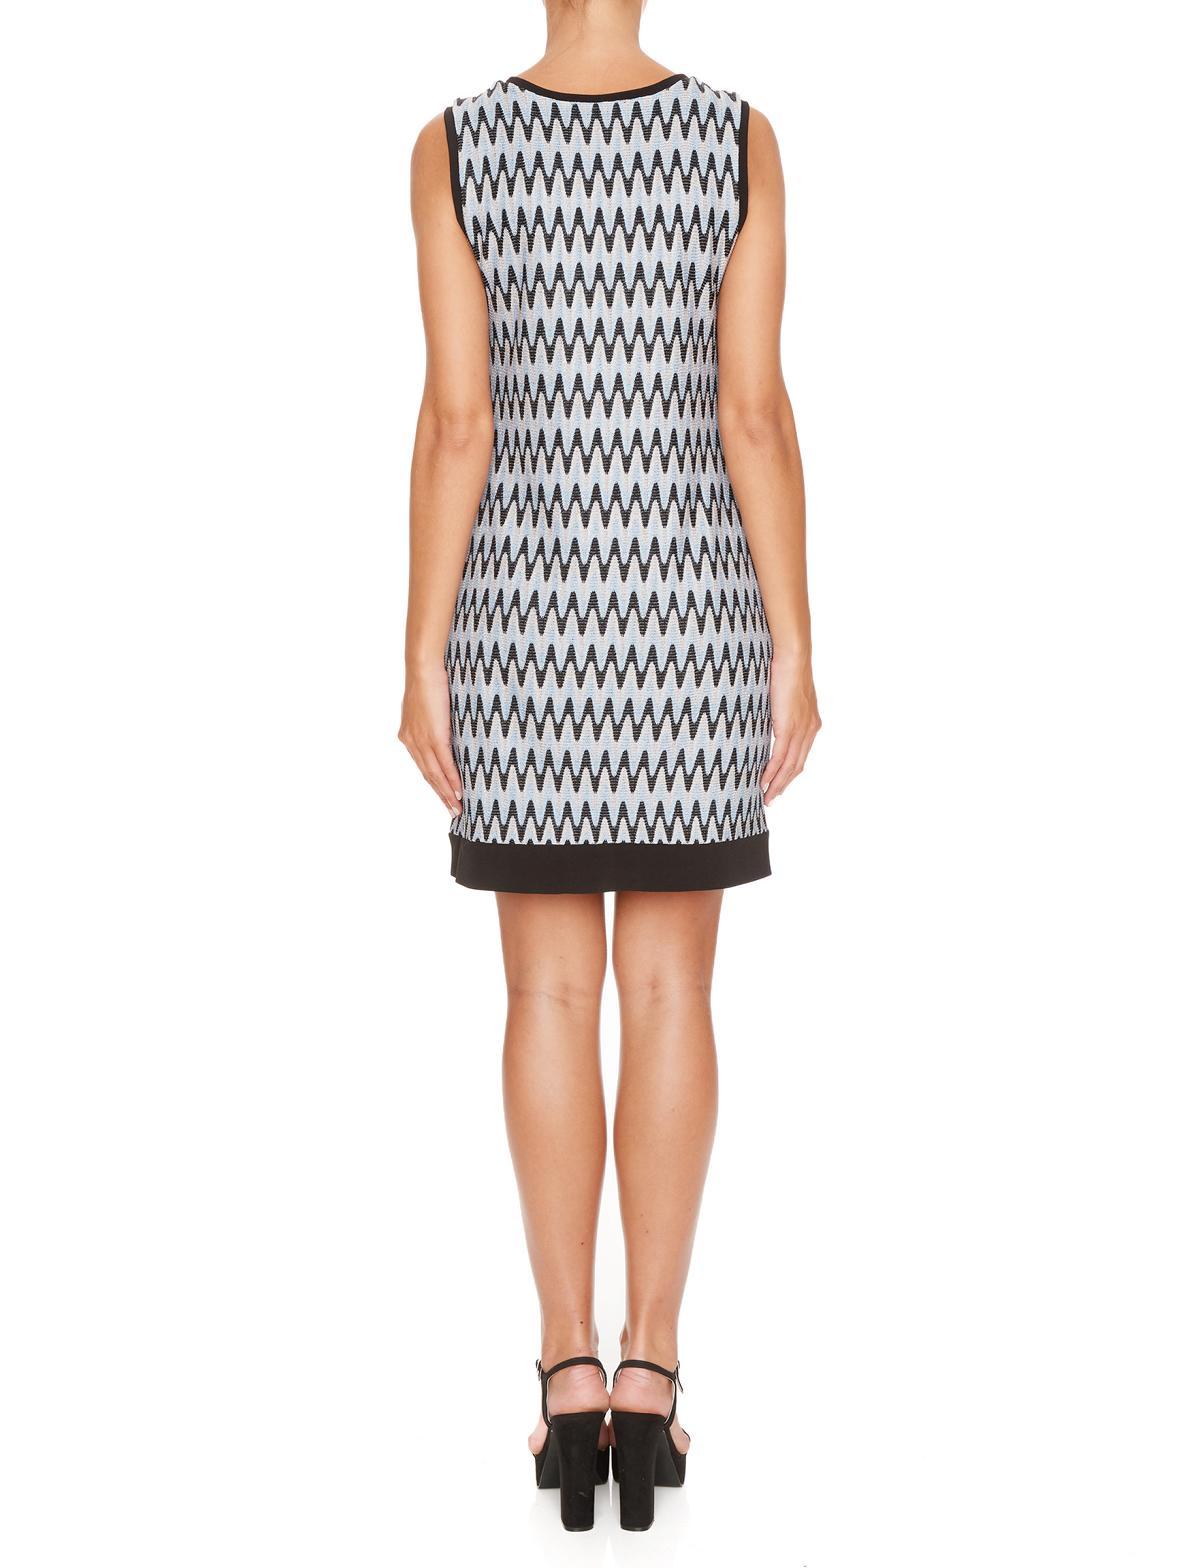 Rückansicht von Ana Alcazar A-Linien Kleid Mailyke  angezogen an Model